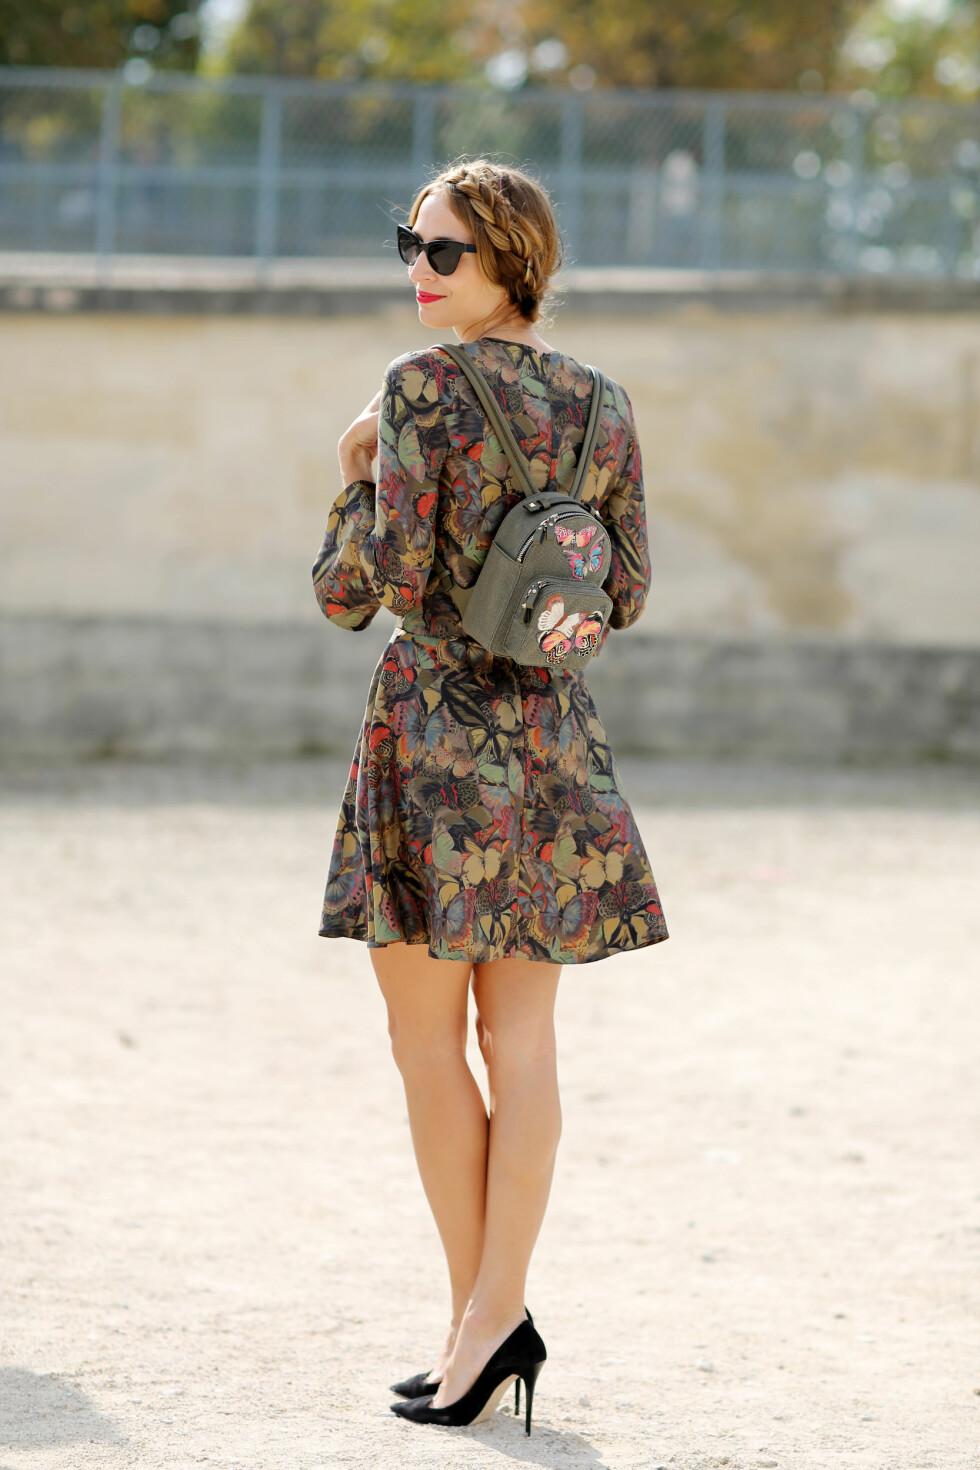 Blomstermønstrede kjoler var å se i alle varianter og farger under moteukene. Foto: All Over